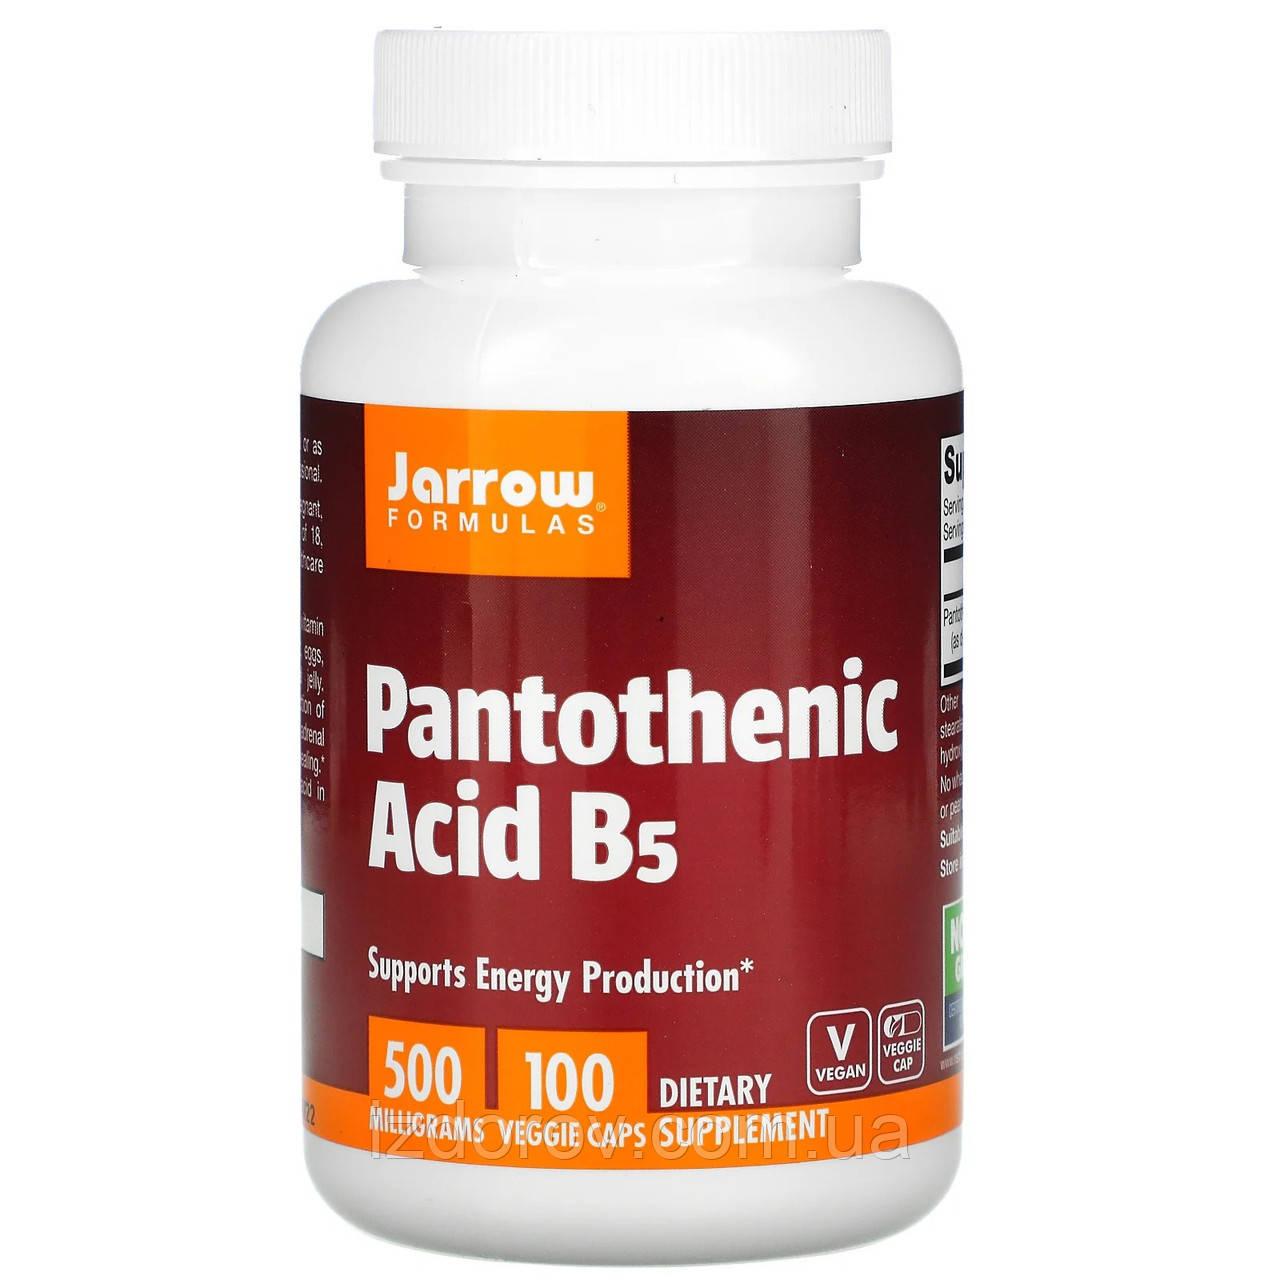 Jarrow Formulas, Пантотенова кислота (вітамін B5), 500 мг, Pantothenic Acid, 100 капсул вегетаріанських